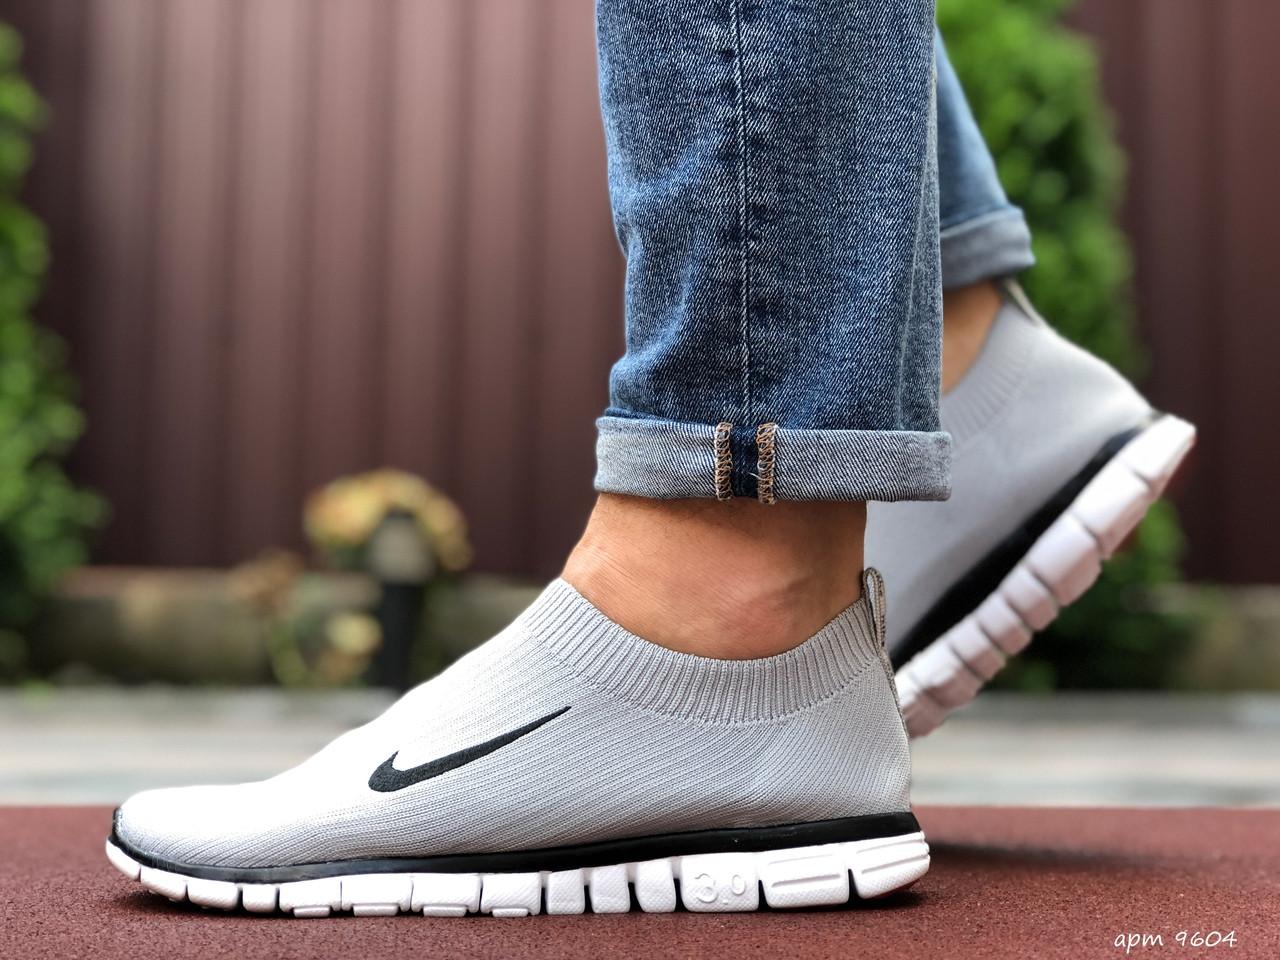 Чоловічі кросівки Nike Free Run 3.0 світло сірі